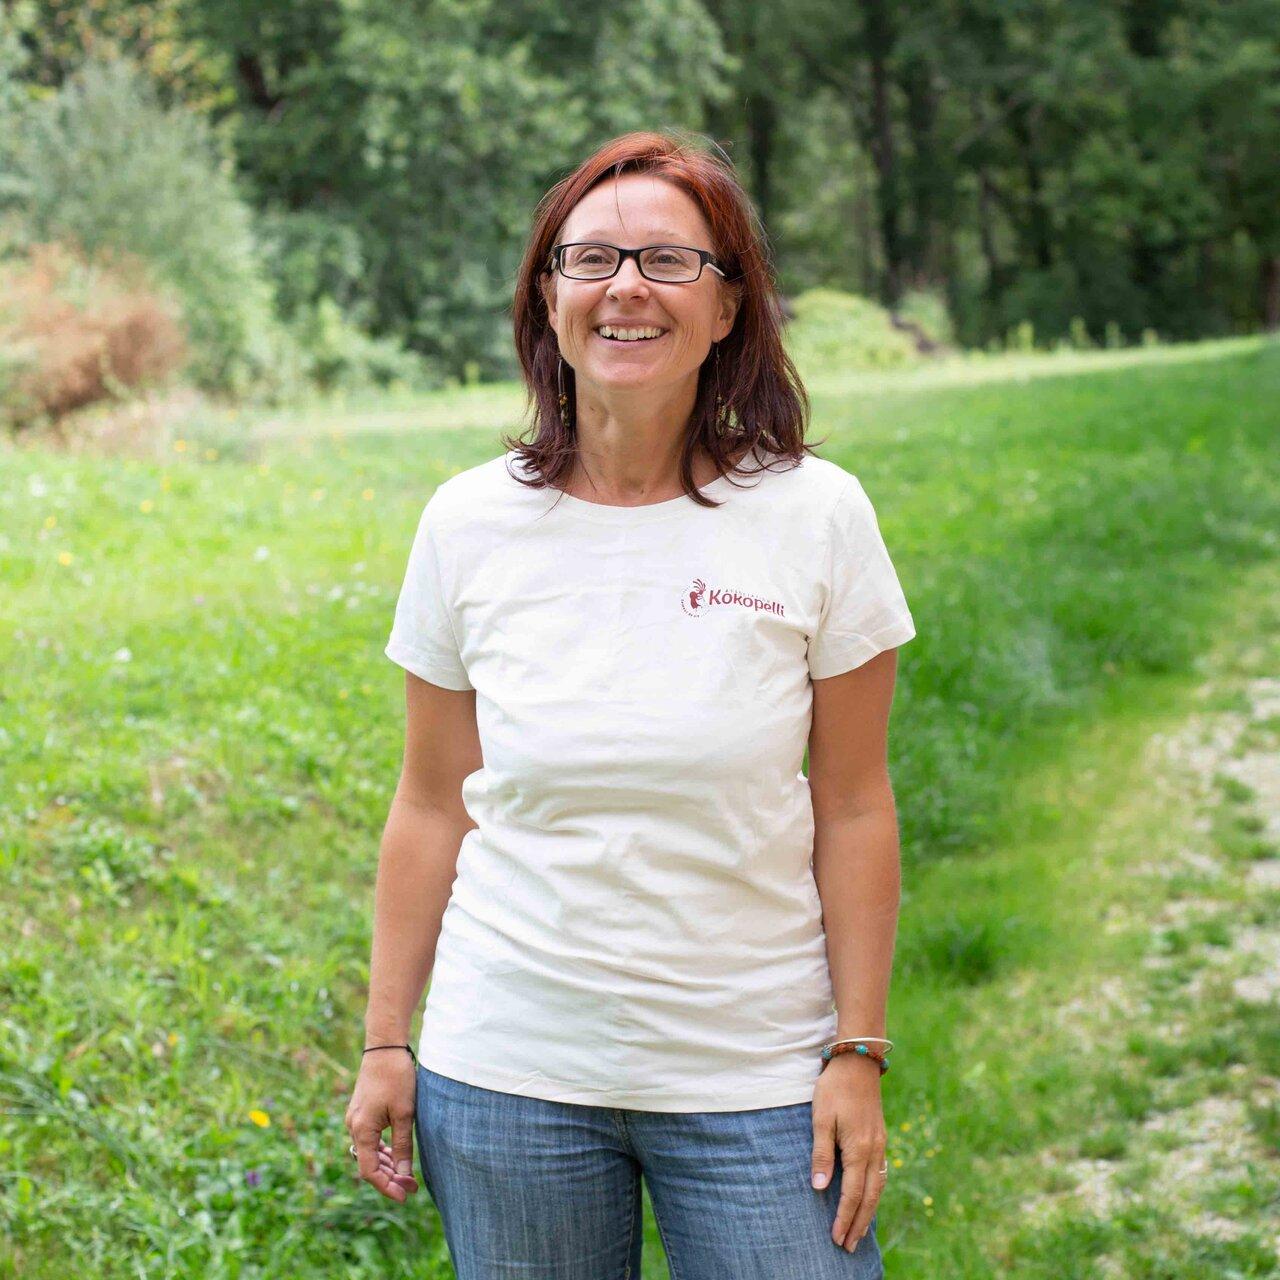 Vêtements - T-Shirt femme écru, taille XL